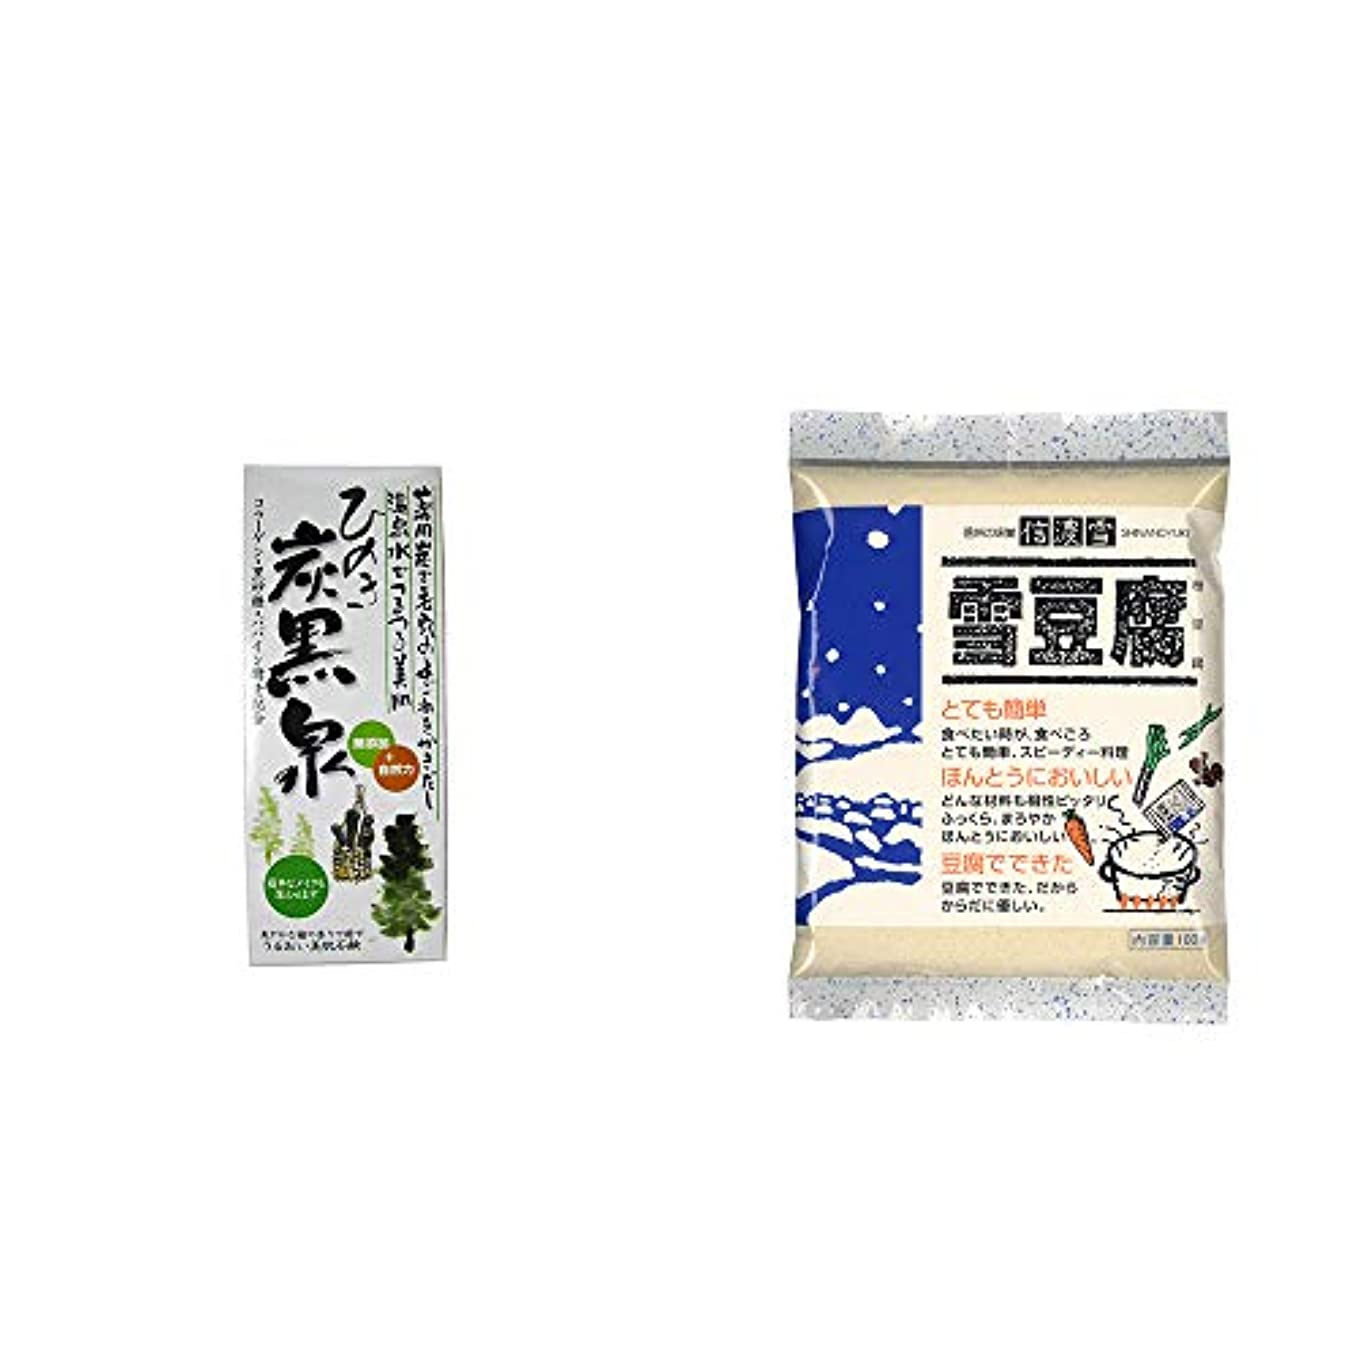 大理石ストッキング聖書[2点セット] ひのき炭黒泉 箱入り(75g×3)・信濃雪 雪豆腐(粉豆腐)(100g)